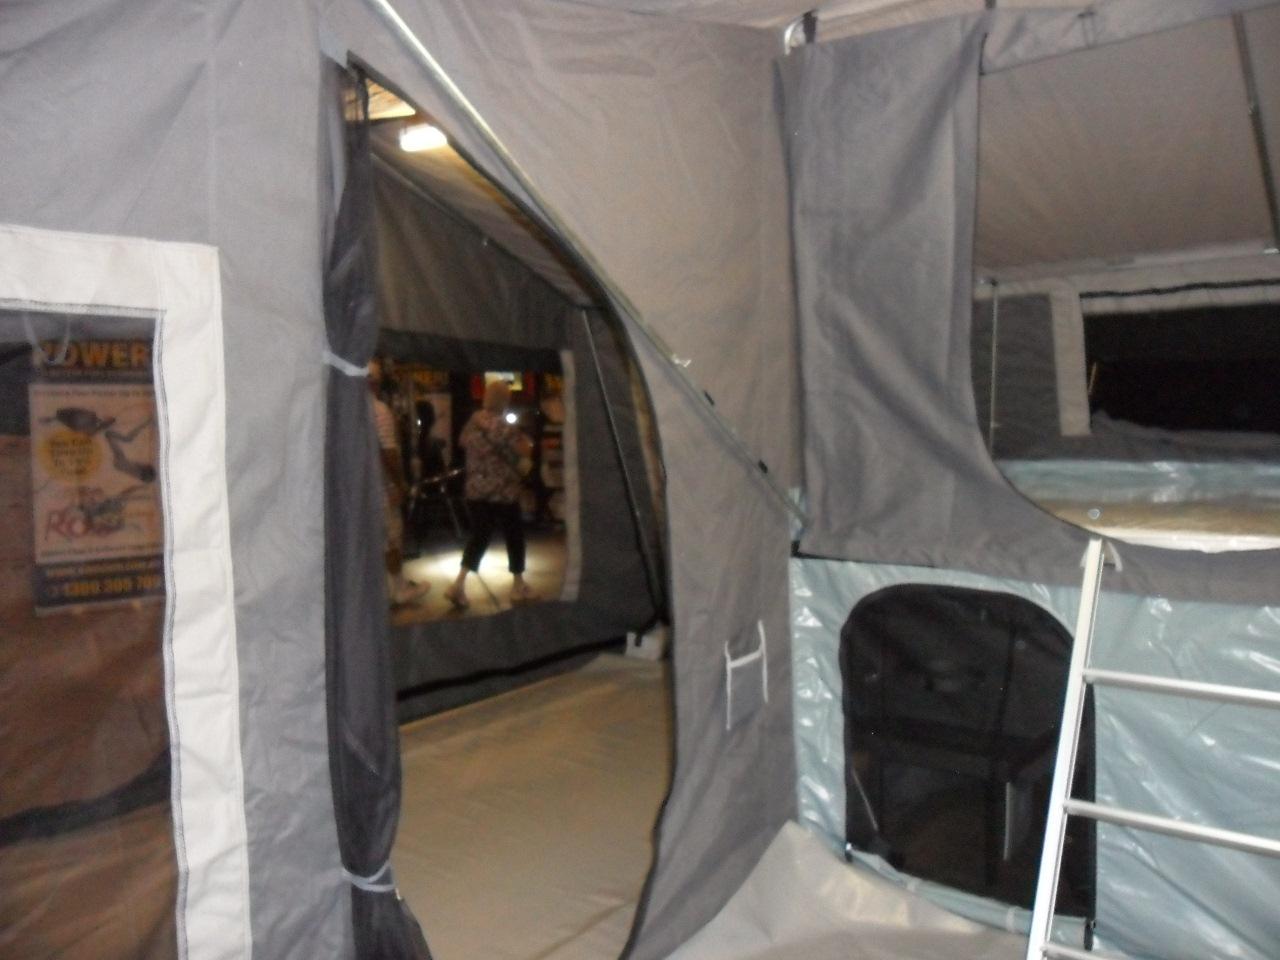 Inside The Camper